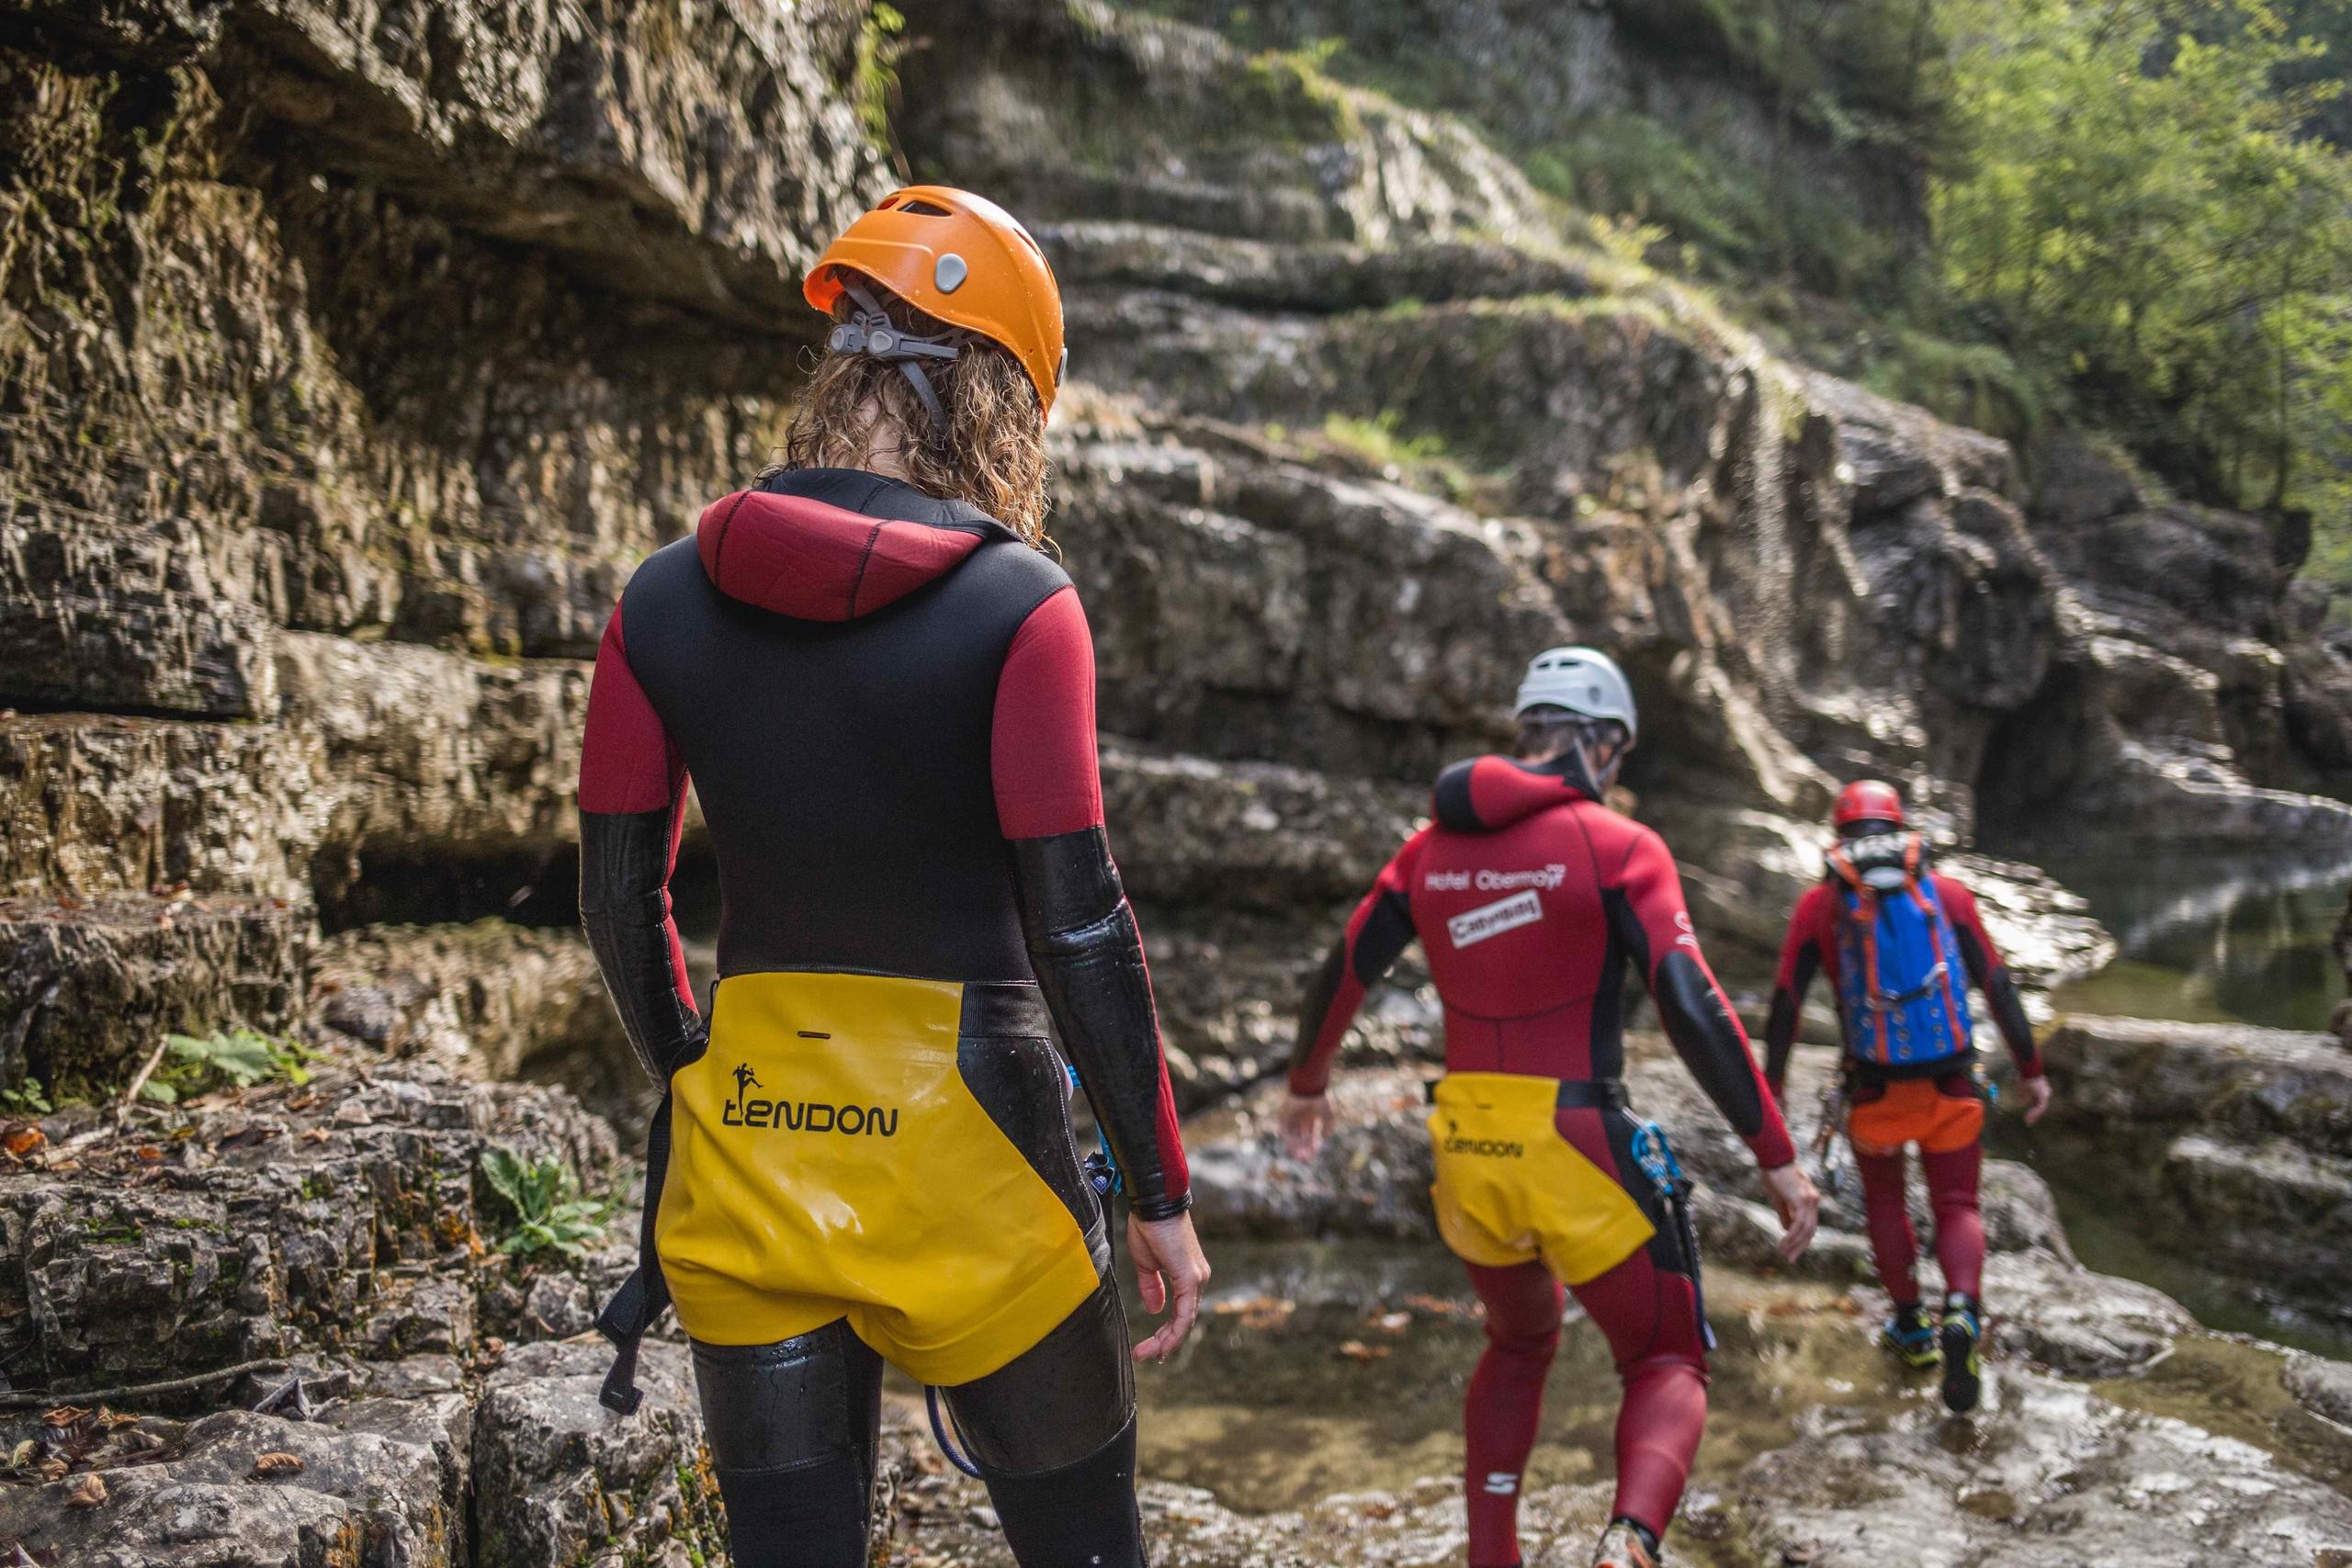 Beim Canyoning in der Almbachklamm steigt die Gruppe in der Ausrüstung über die nassen Felsen